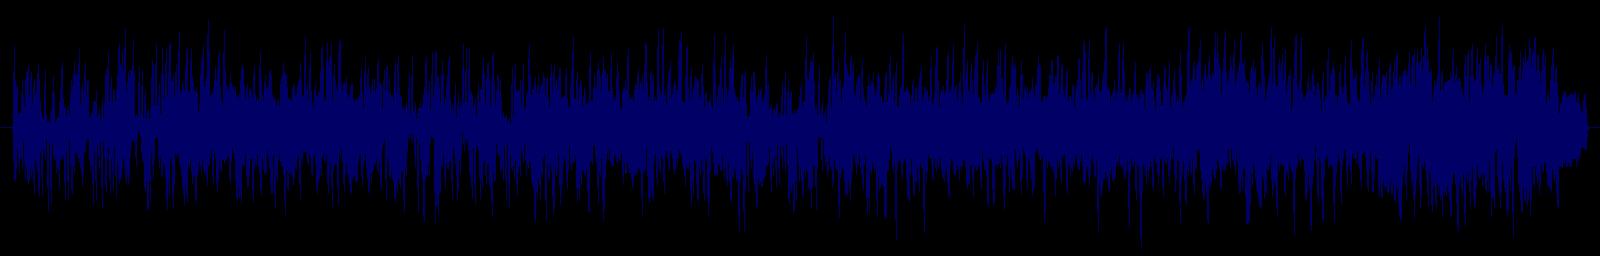 waveform of track #89441